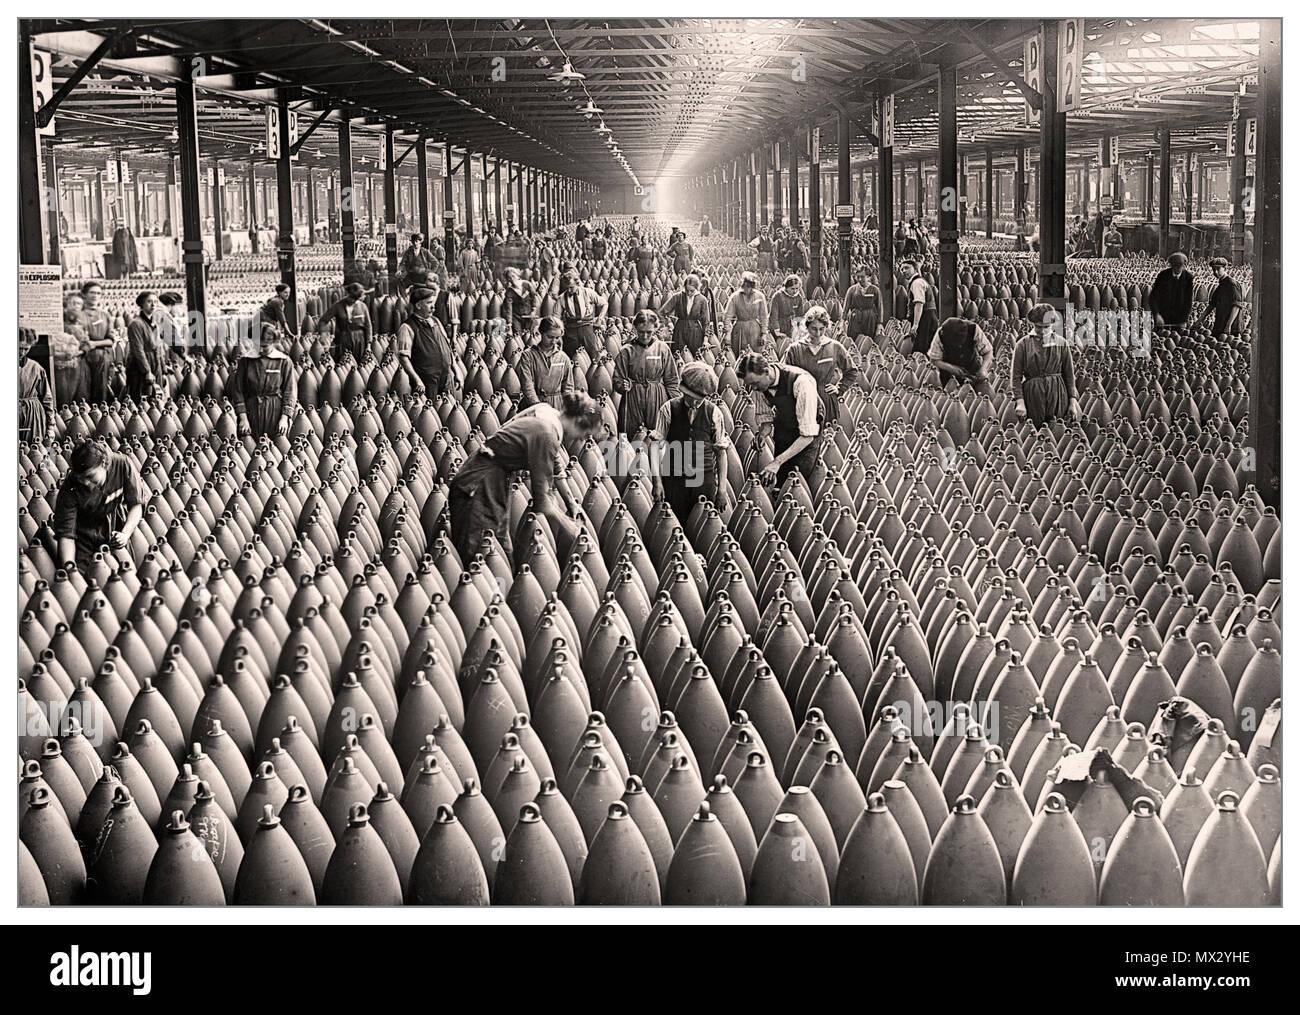 La première Guerre mondiale Shells Ammunitions Factory UK l'usine de remplissage de munitions de Chilwell, Grande-Bretagne, WW1 plus de 19 millions d'obus ont été remplis d'explosifs ici par 10,000 travailleurs entre 1915 et 1918, au cours de la première Guerre mondiale. L'usine a rempli plus de la moitié des obus britanniques pendant la première Guerre mondiale. Banque D'Images